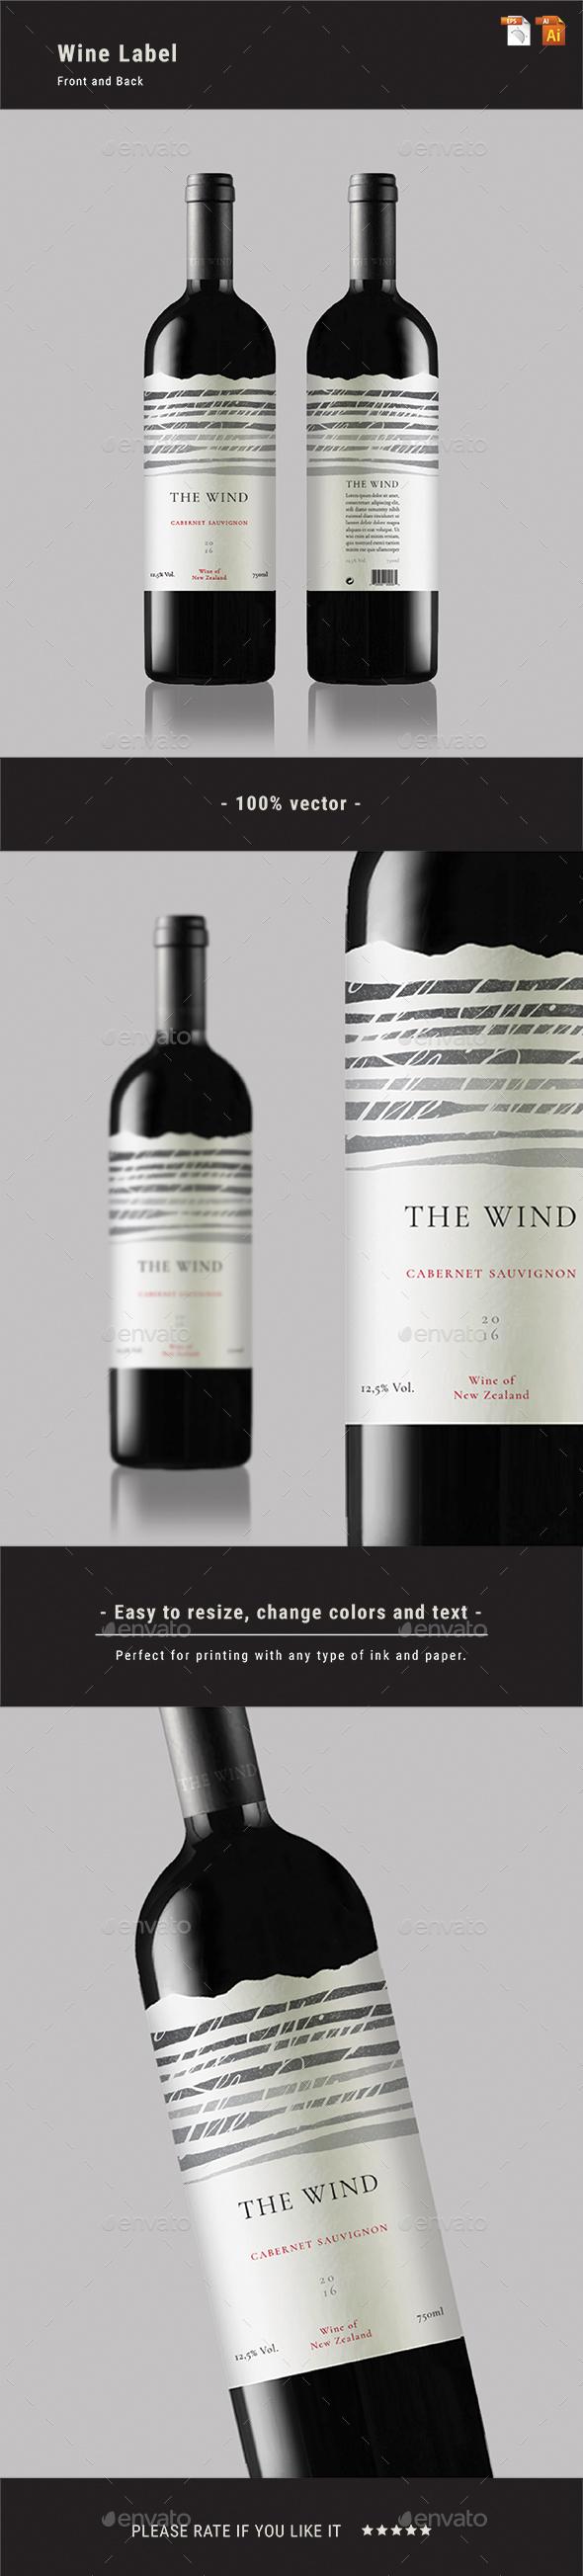 GraphicRiver Wine Label 21122305